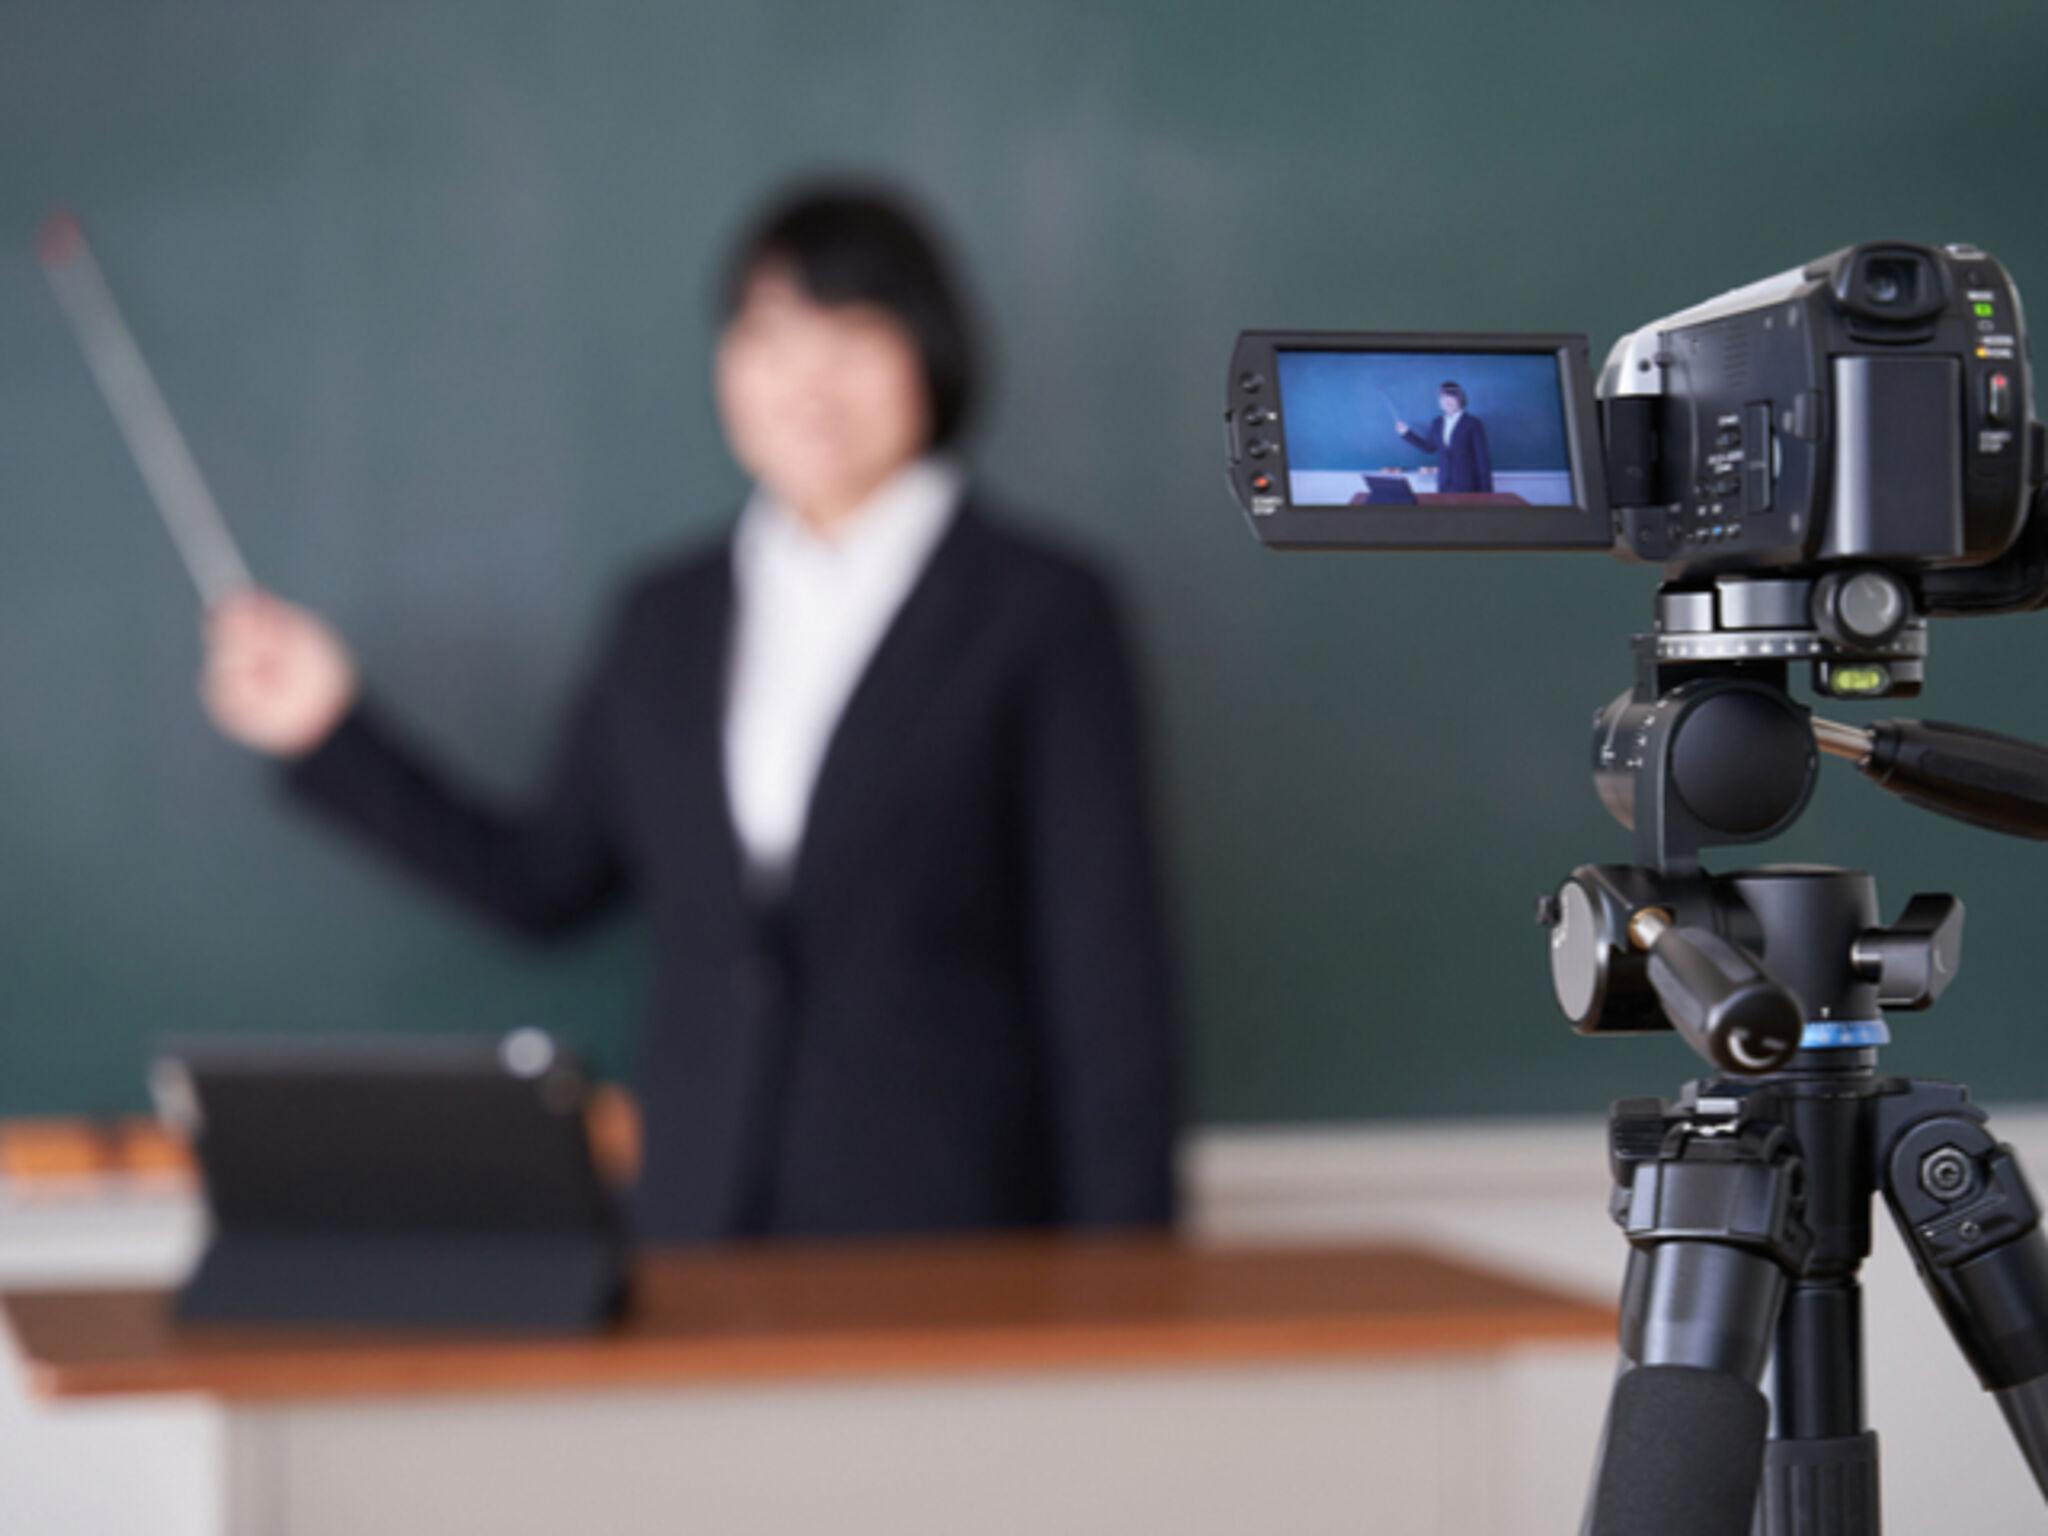 オンライン授業を行う塾講師の画像